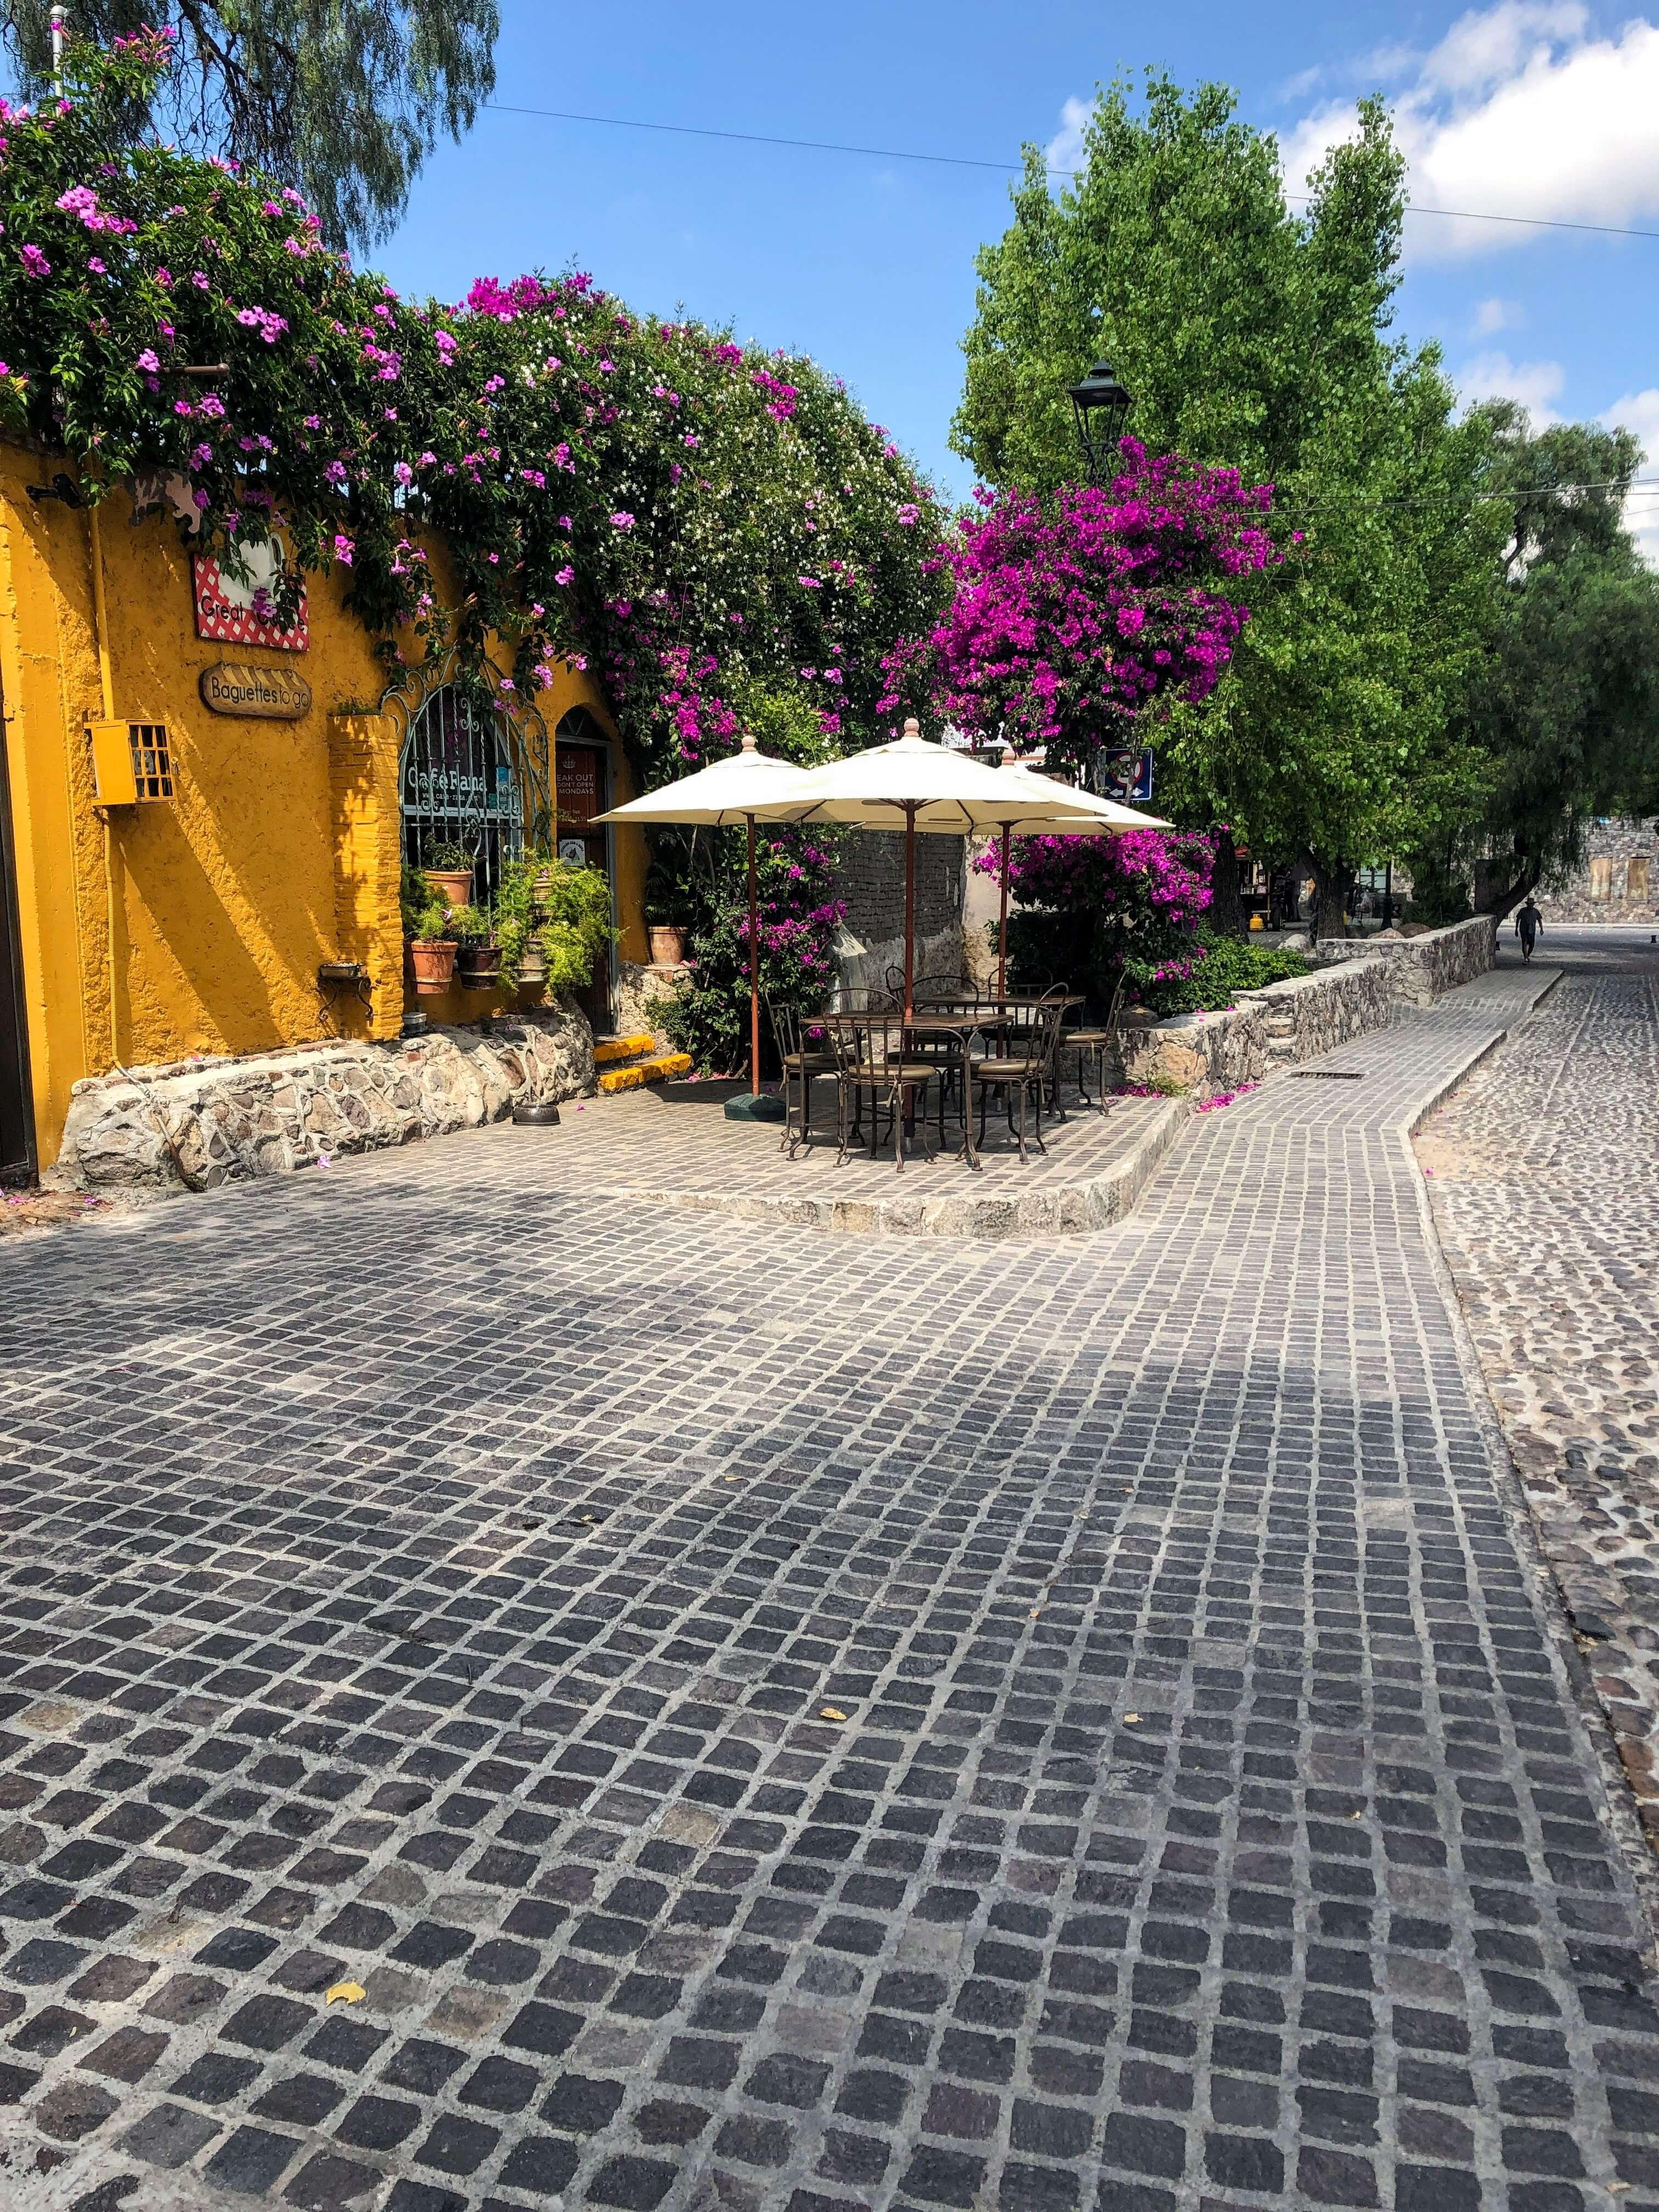 Cafe Rama in San Miguel de Allende